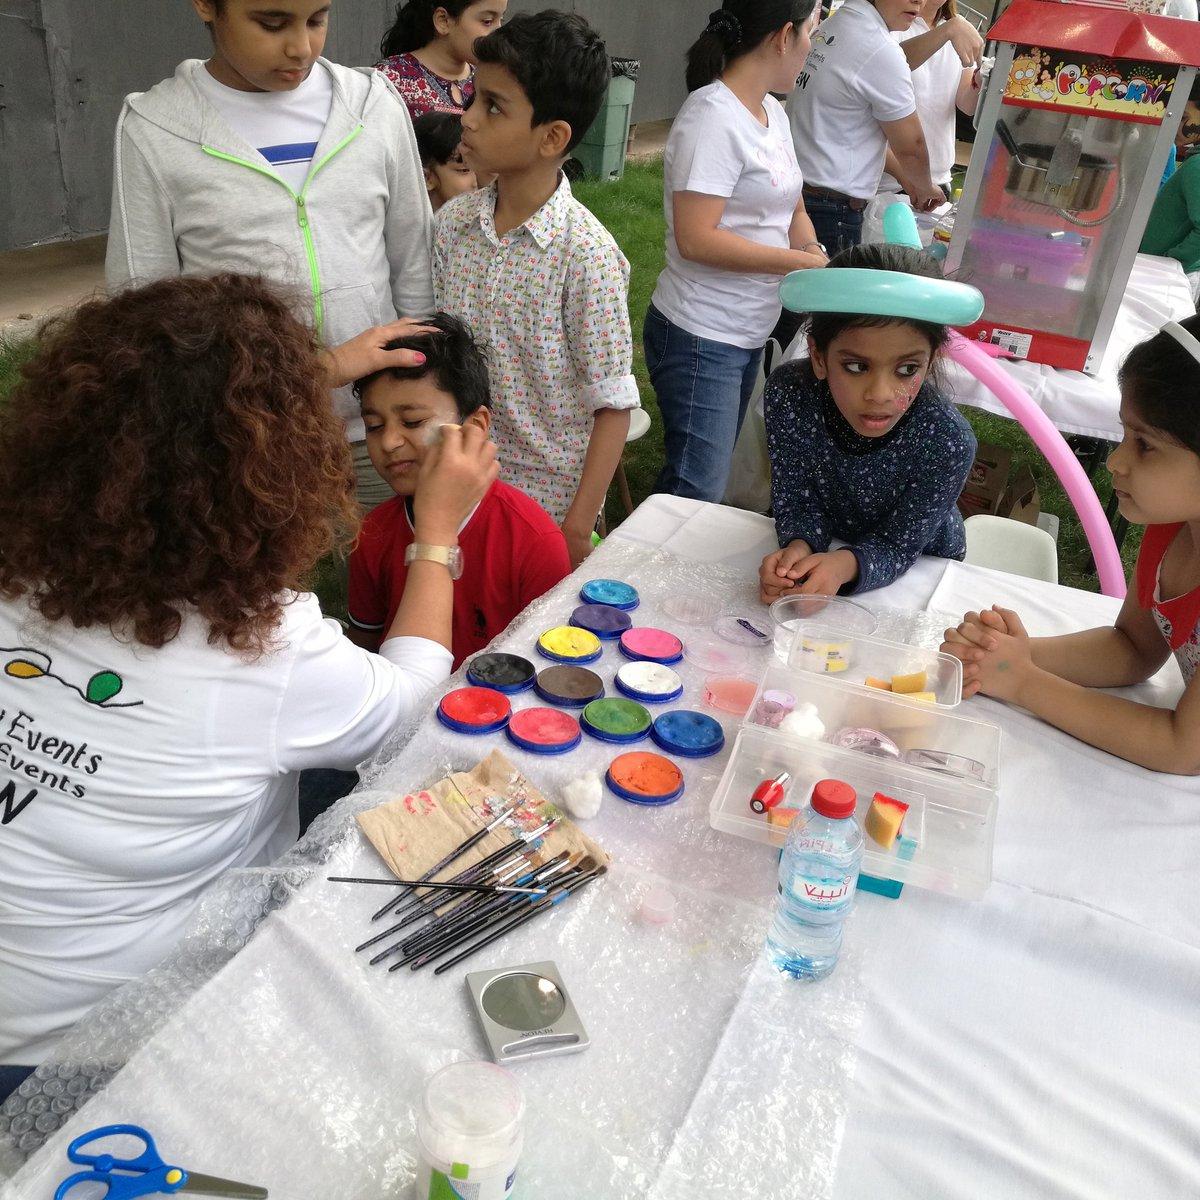 Kids Party Planner #AbuDhabi   #abudhabimums #birthdayparty #birthdaygirl #birthdayboy    #حفلات_اطفال #حفلات #اعياد_ميلاد #ابوظبي #امهات https://t.co/TwPG9p6aZT